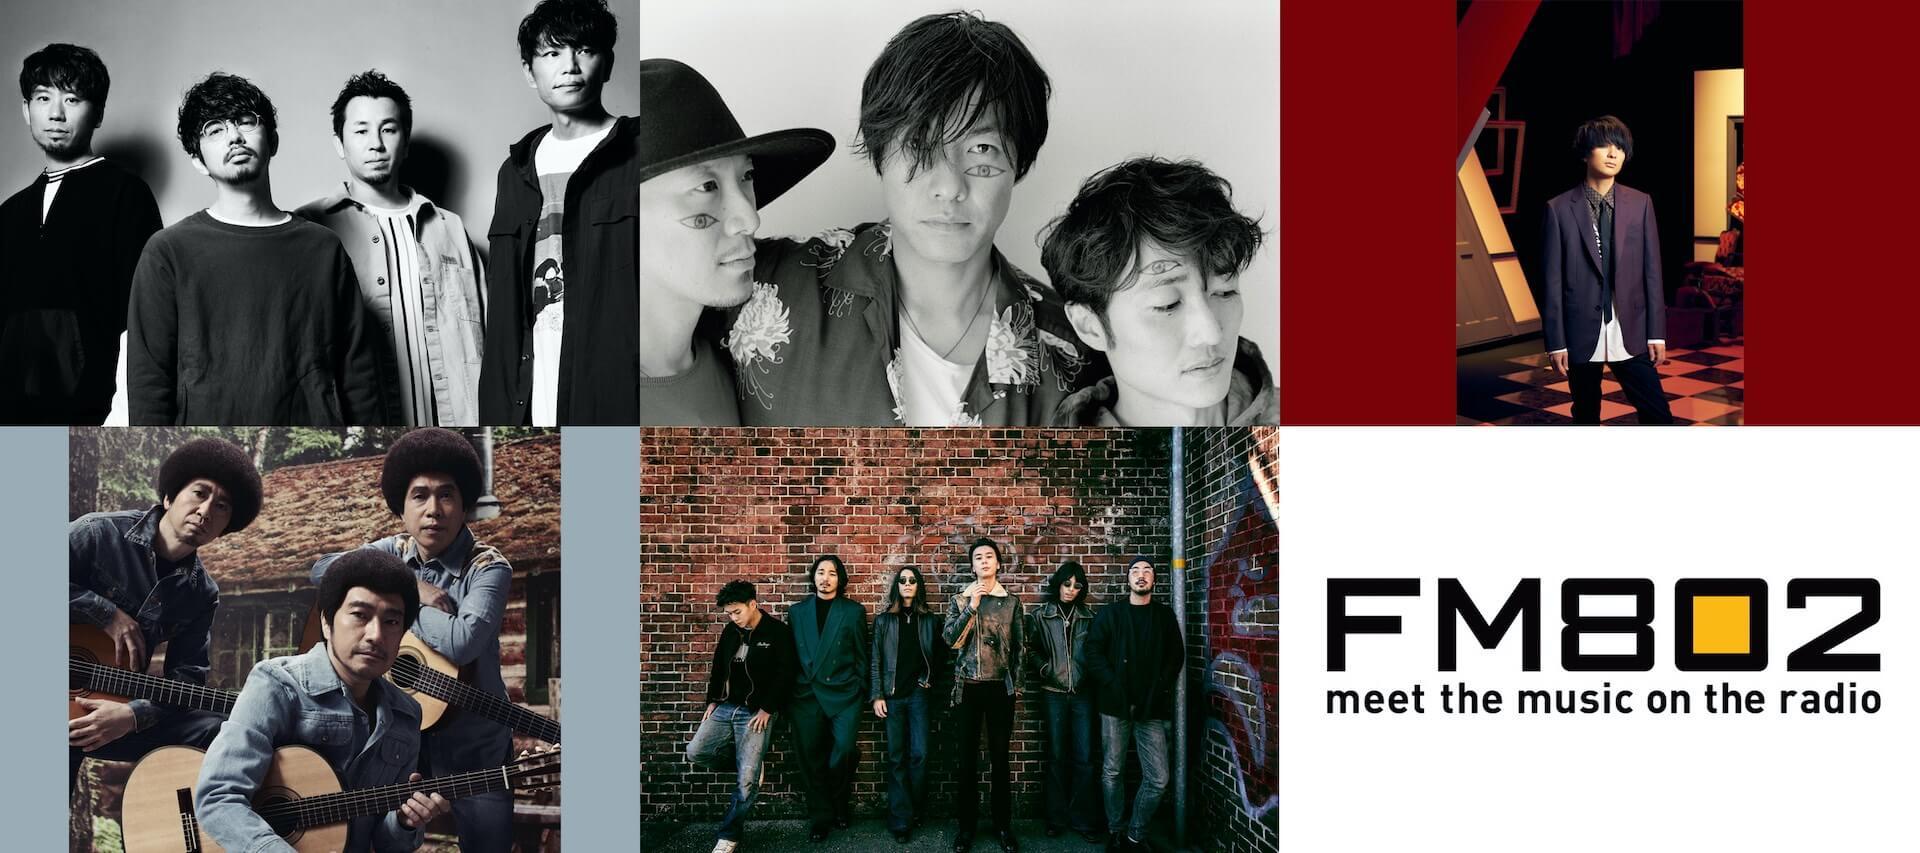 FM802「UPBEAT!」今週の特集企画にアジカン後藤正文、フジファブリック 山内総一郎、Suchmos YONCEらがリモート生出演 music200518_fm802_01